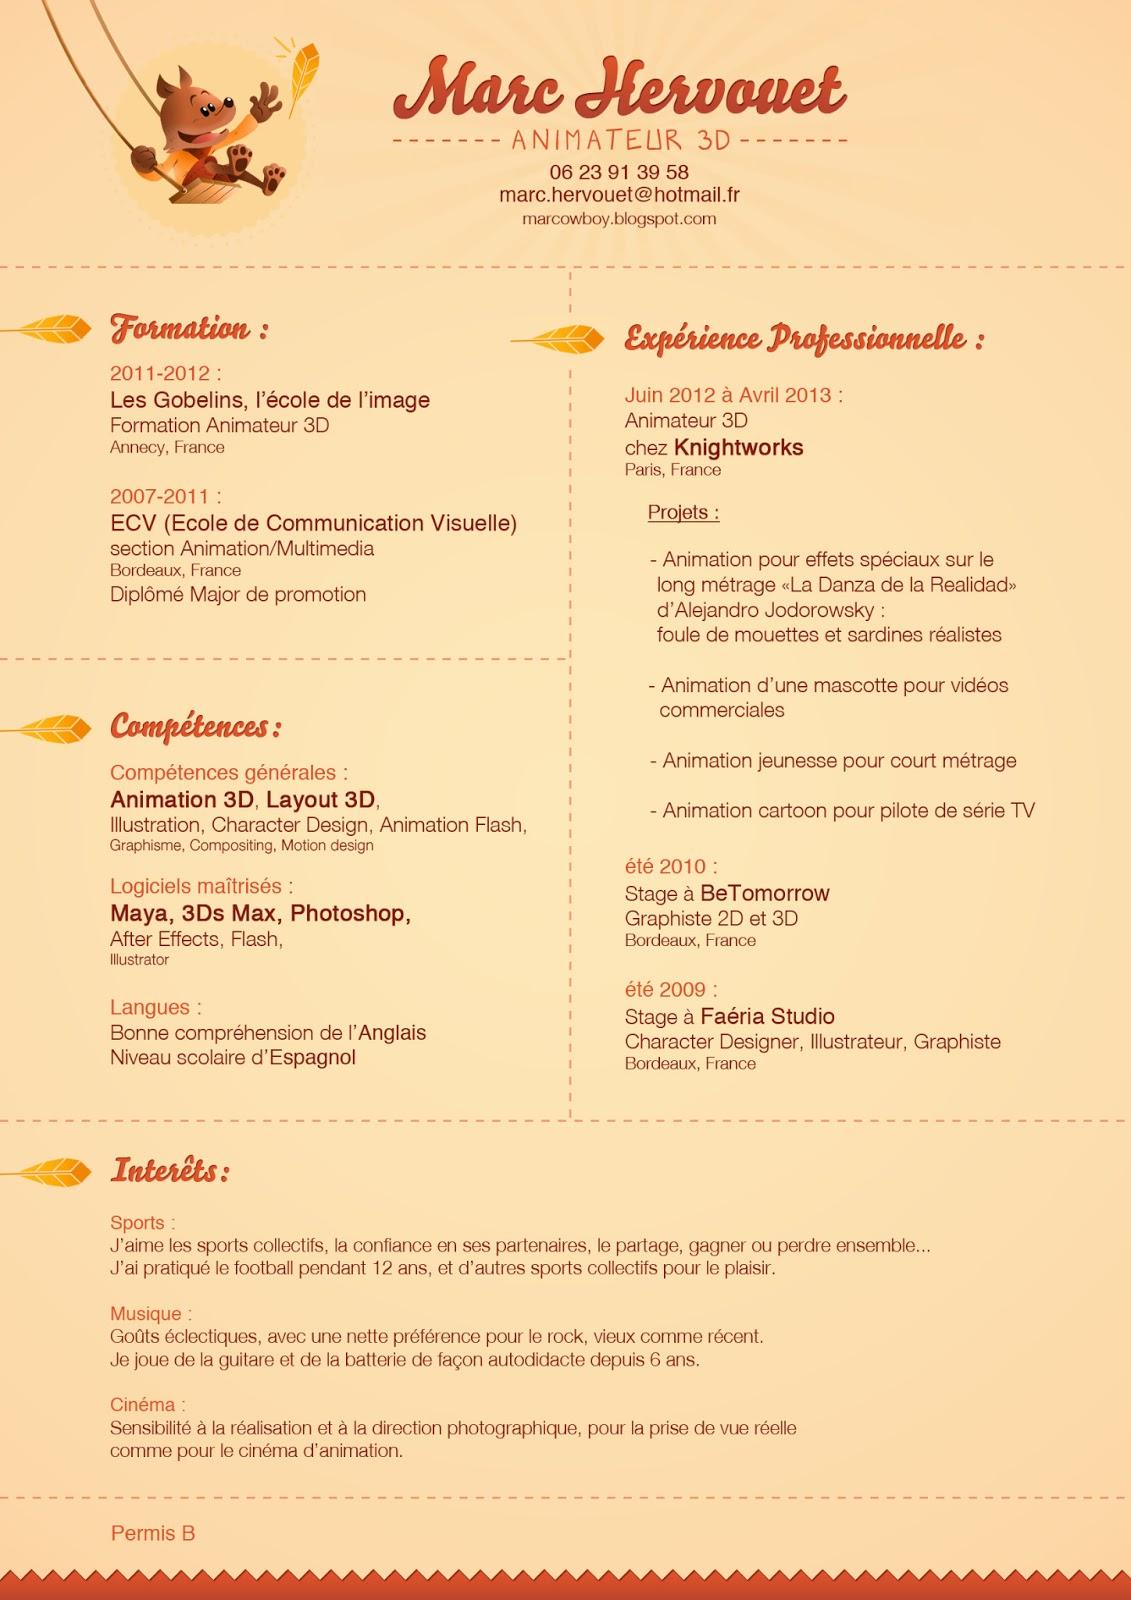 Carte De Visite CV Tout Est Dans Le Titre Si Vous Voyez Pas Bien Les Petits Caracteres Clic Droit Afficher Limage